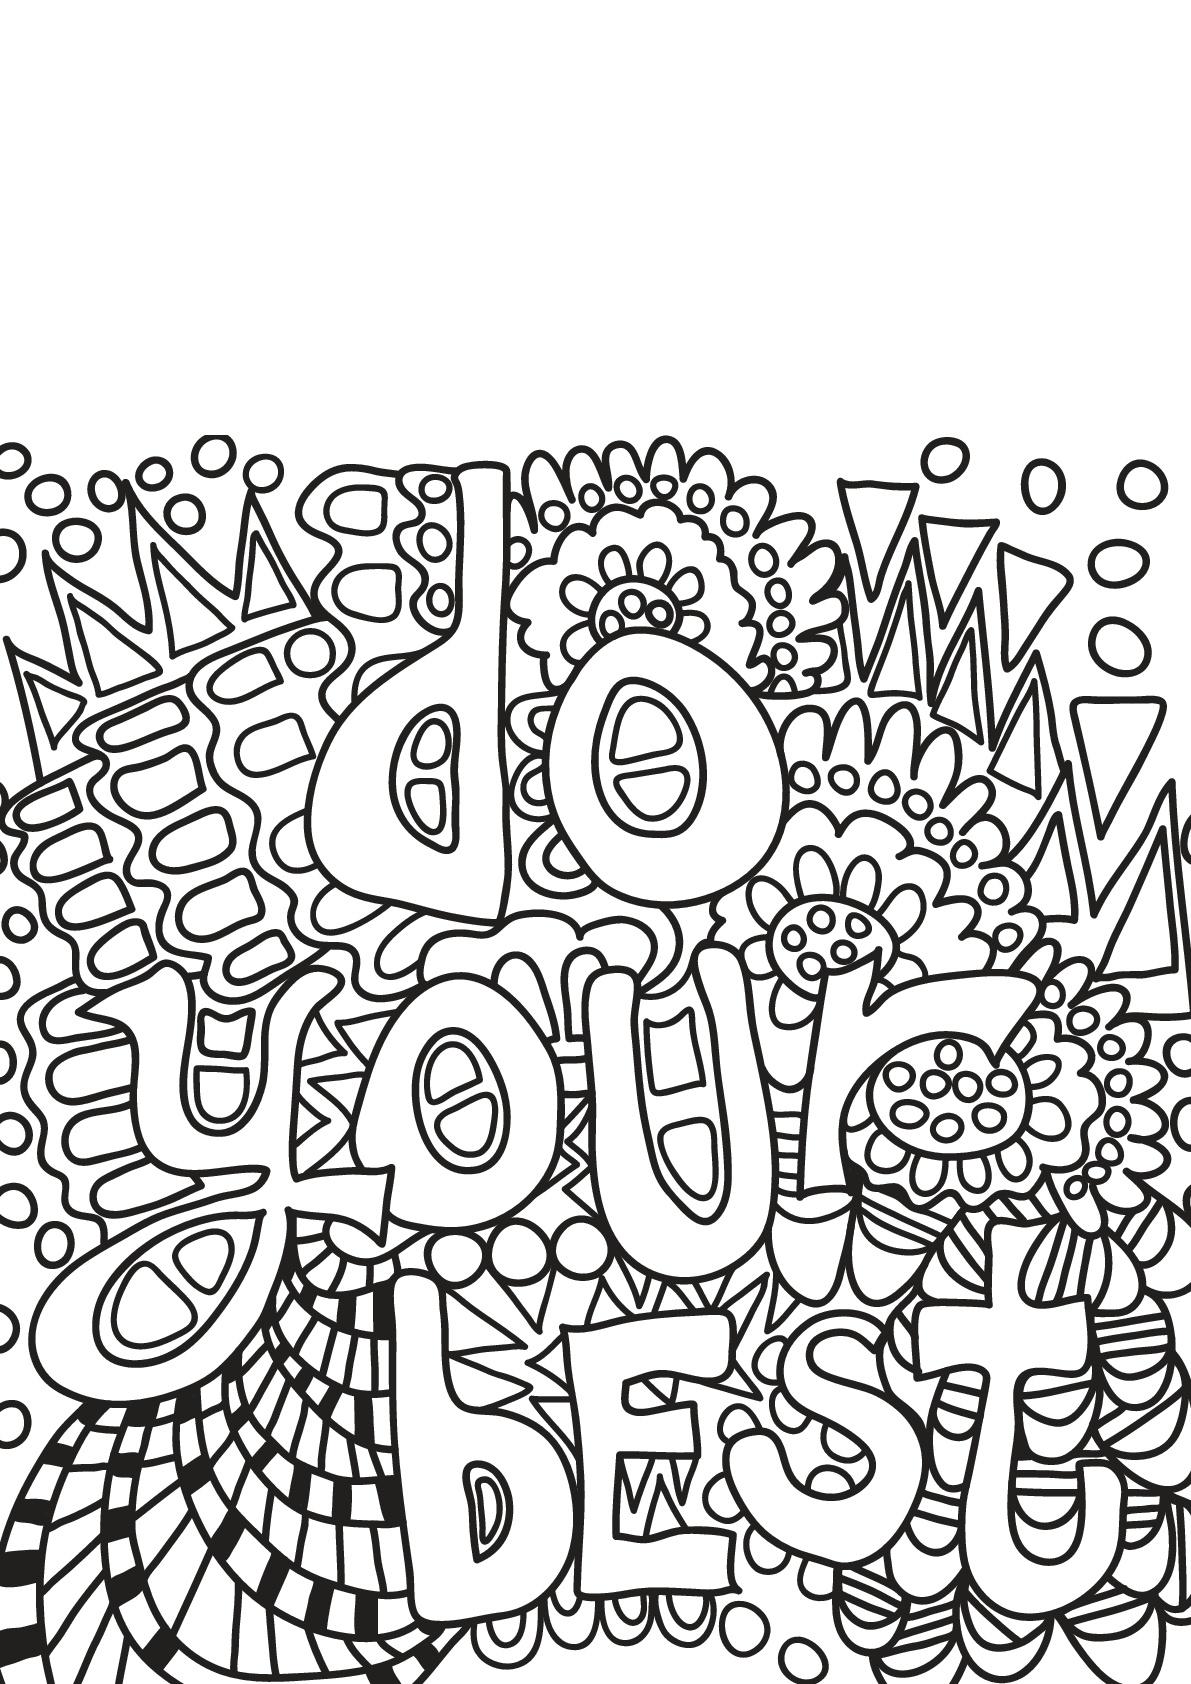 Disegni da colorare per adulti : Citazioni - 8